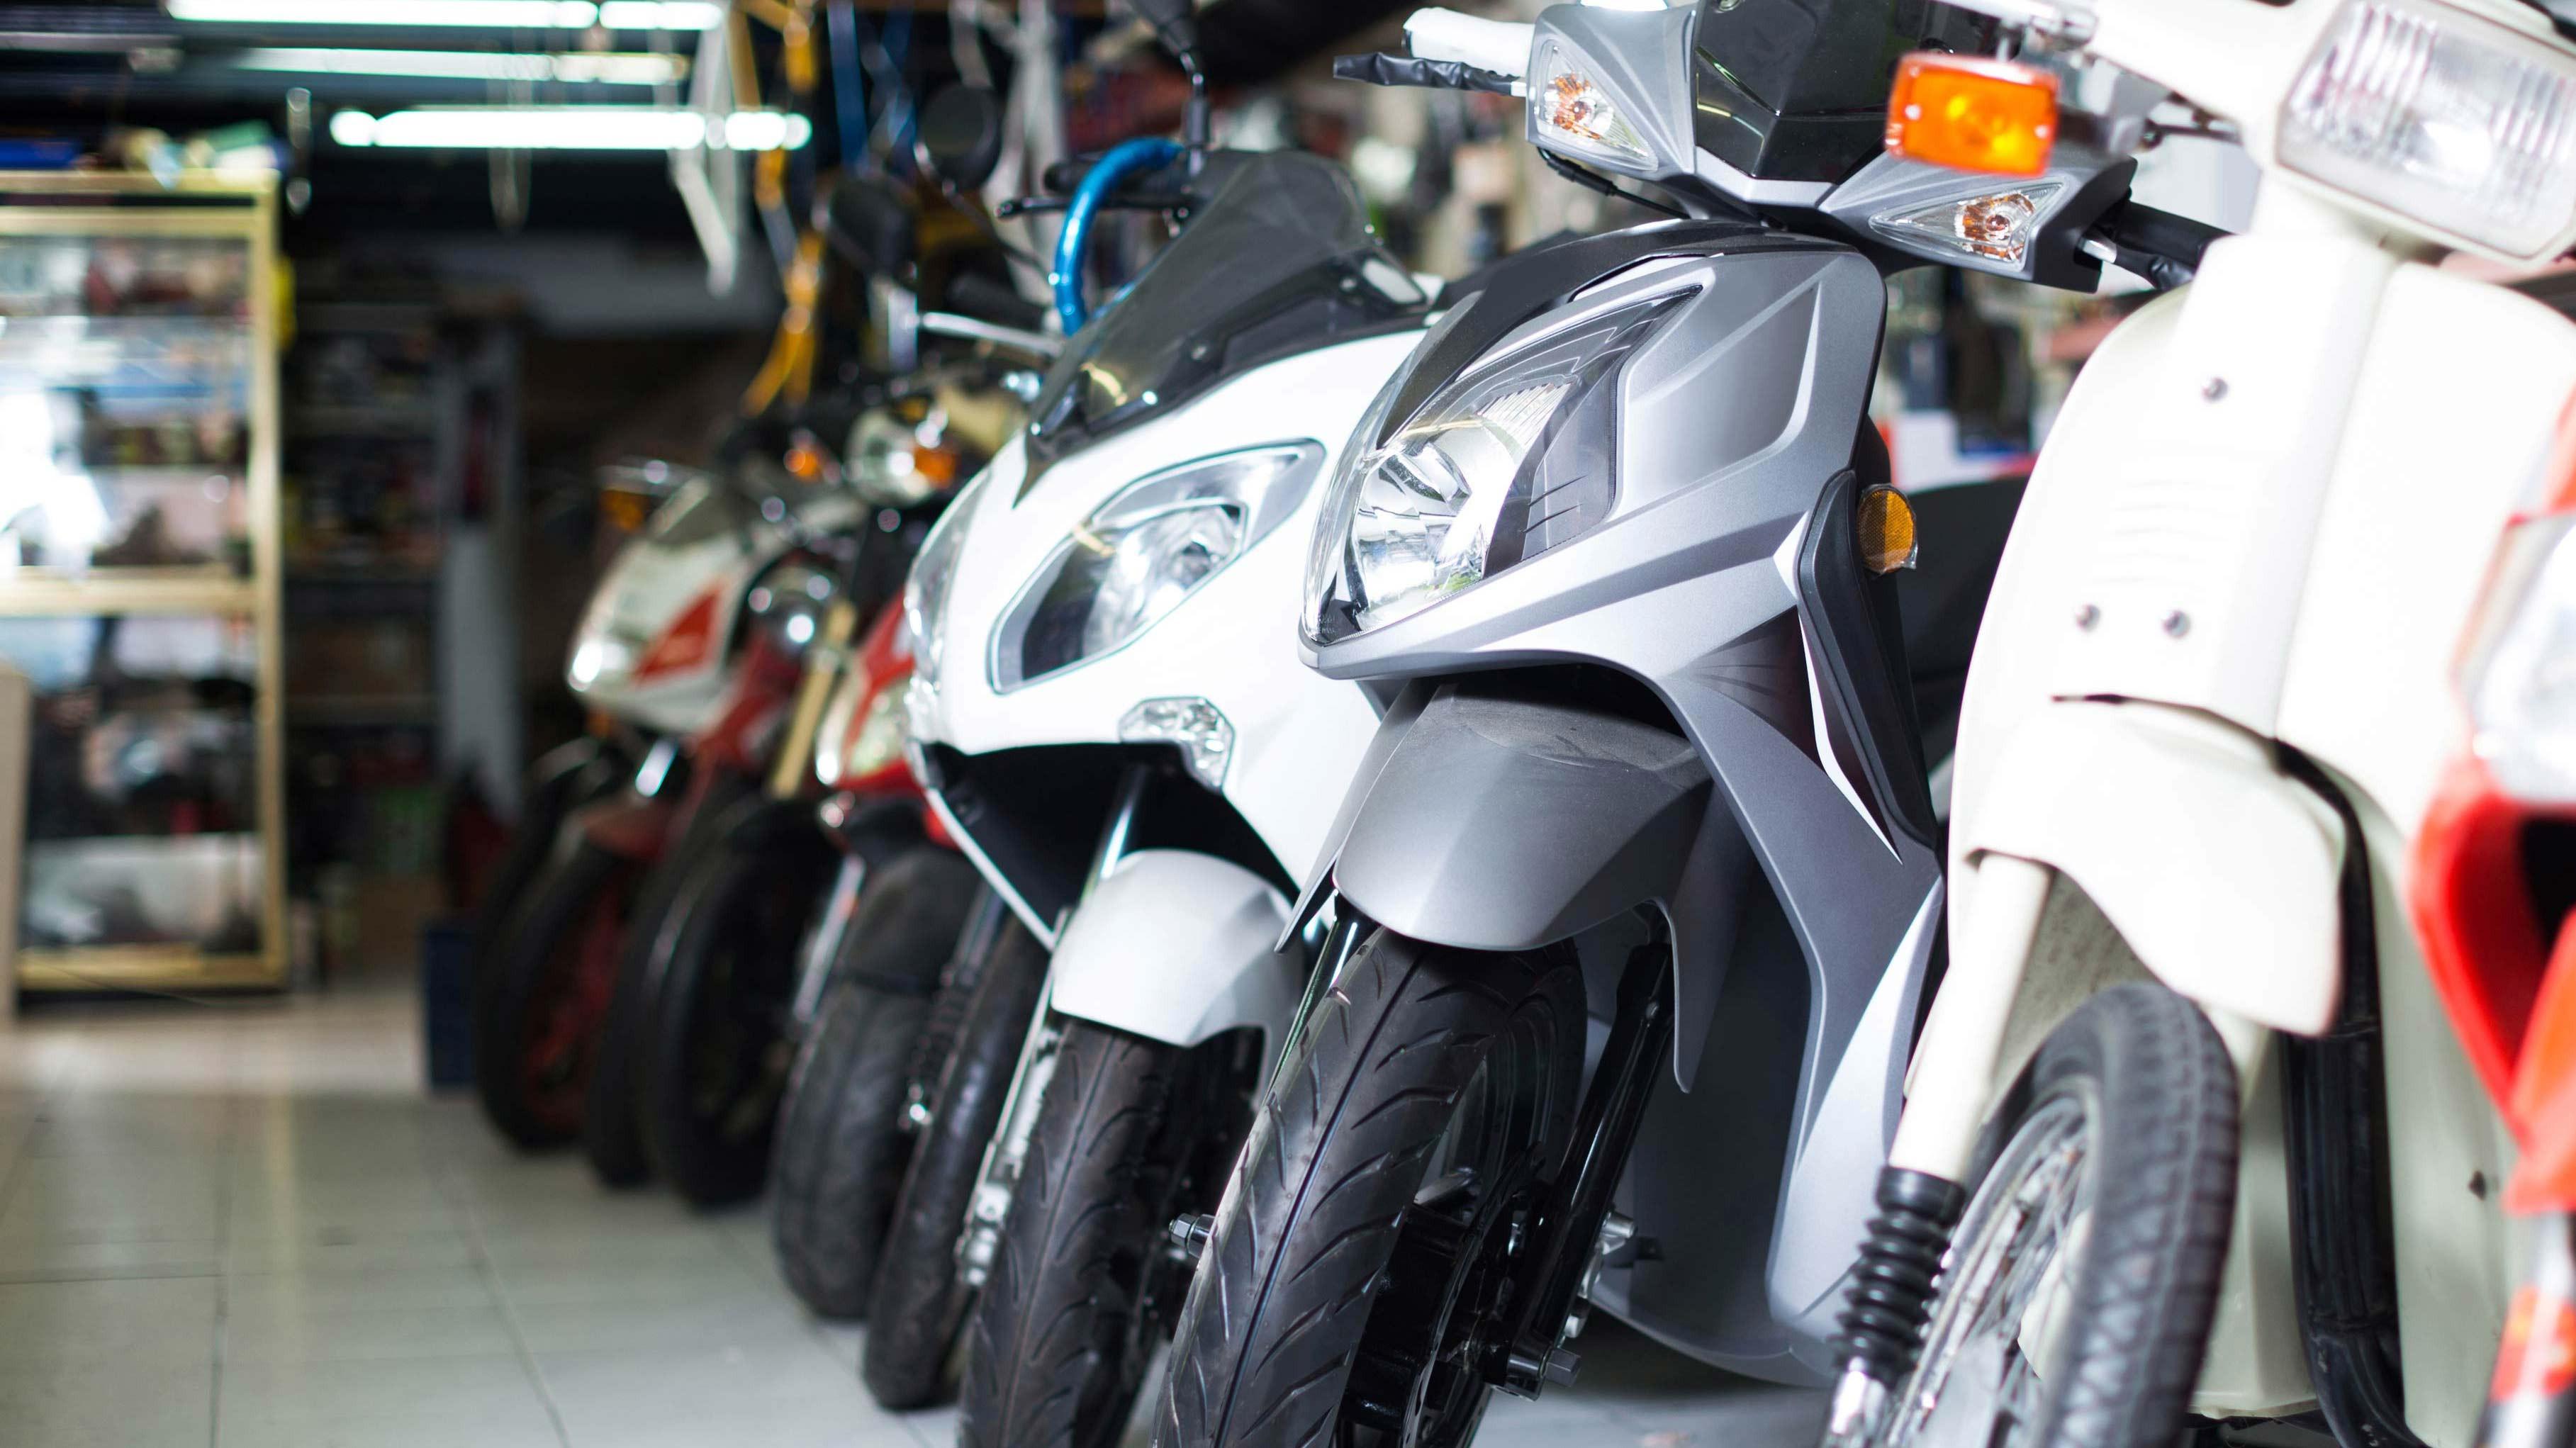 mercado-de-motos-cerrara-en-positivo